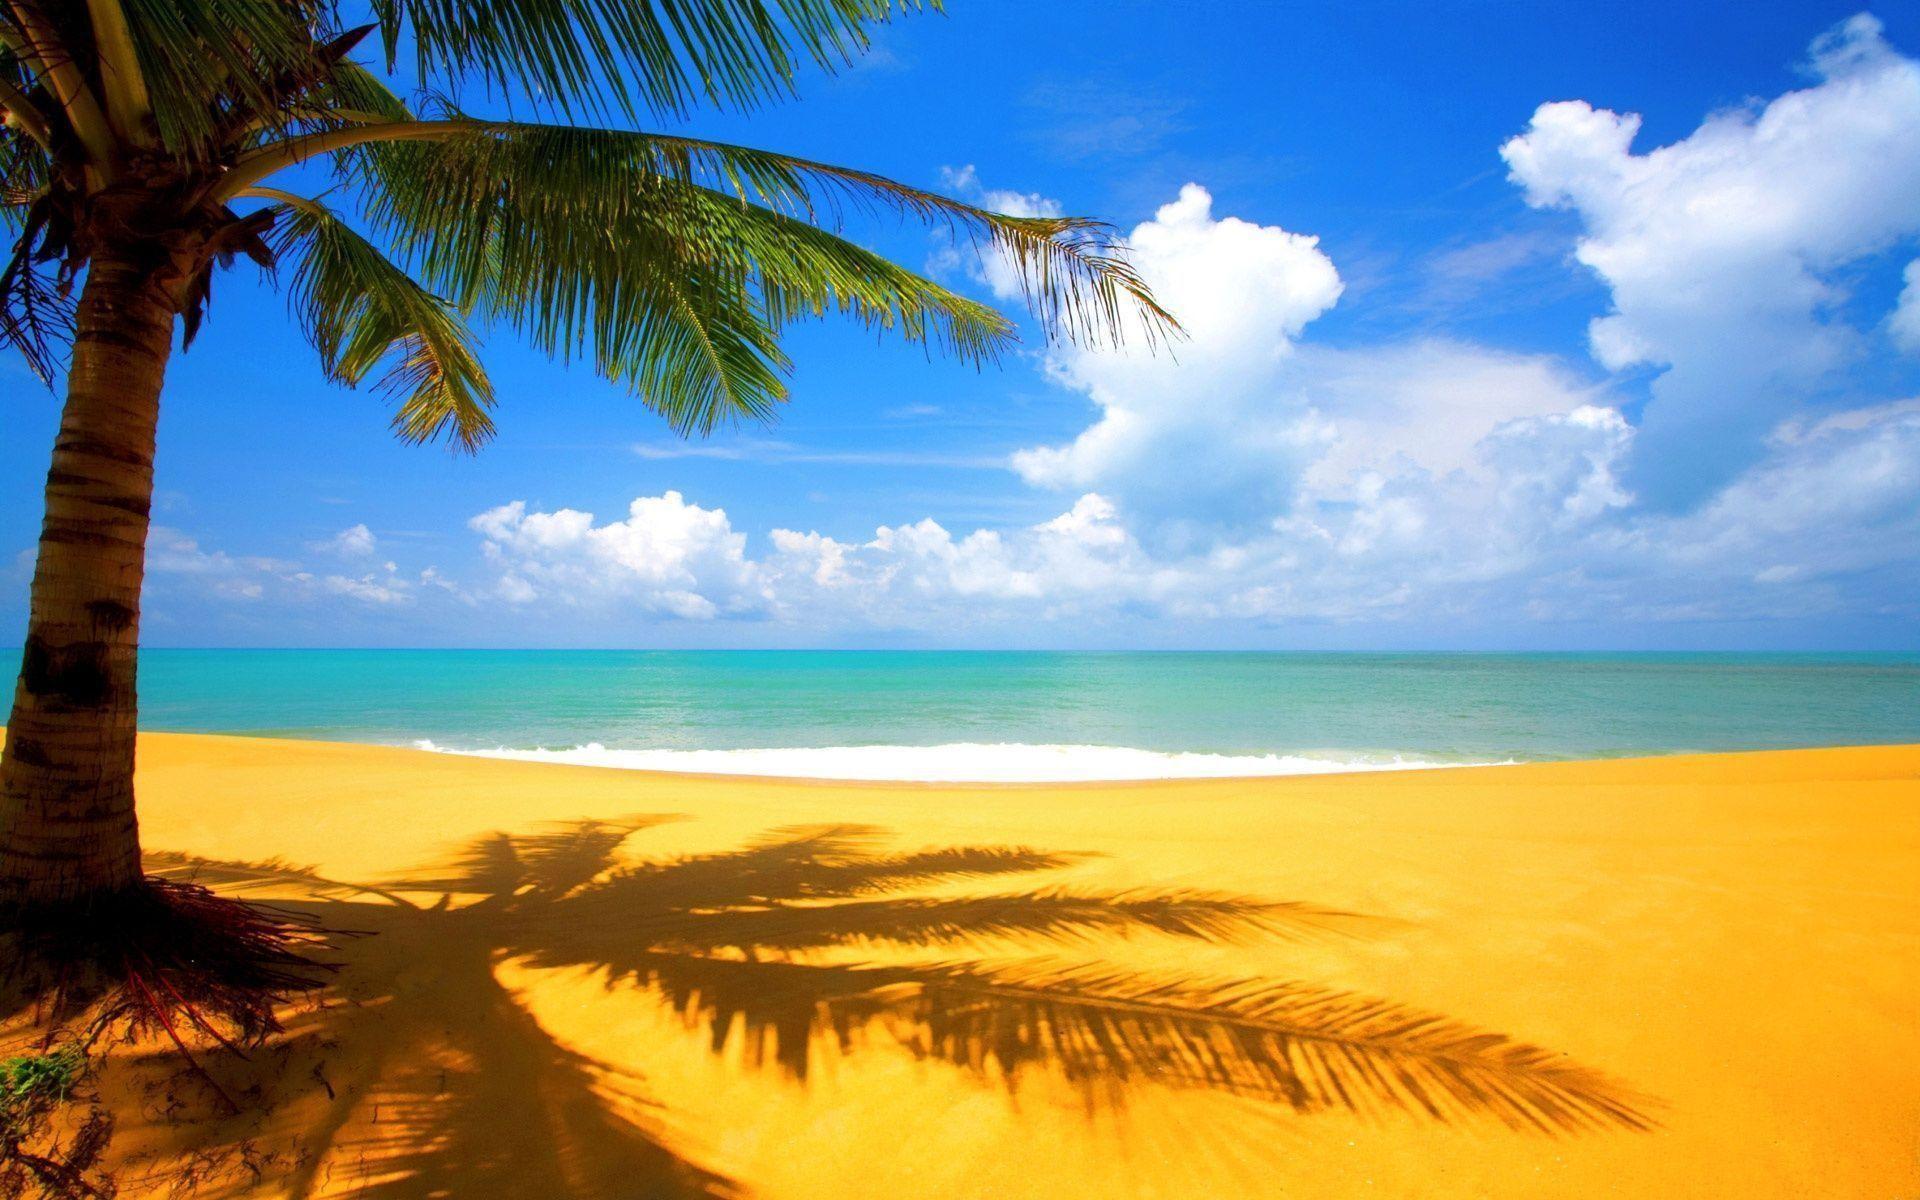 Beaches & Islands HD Wallpapers | Beach Desktop Backgrounds,Stock .